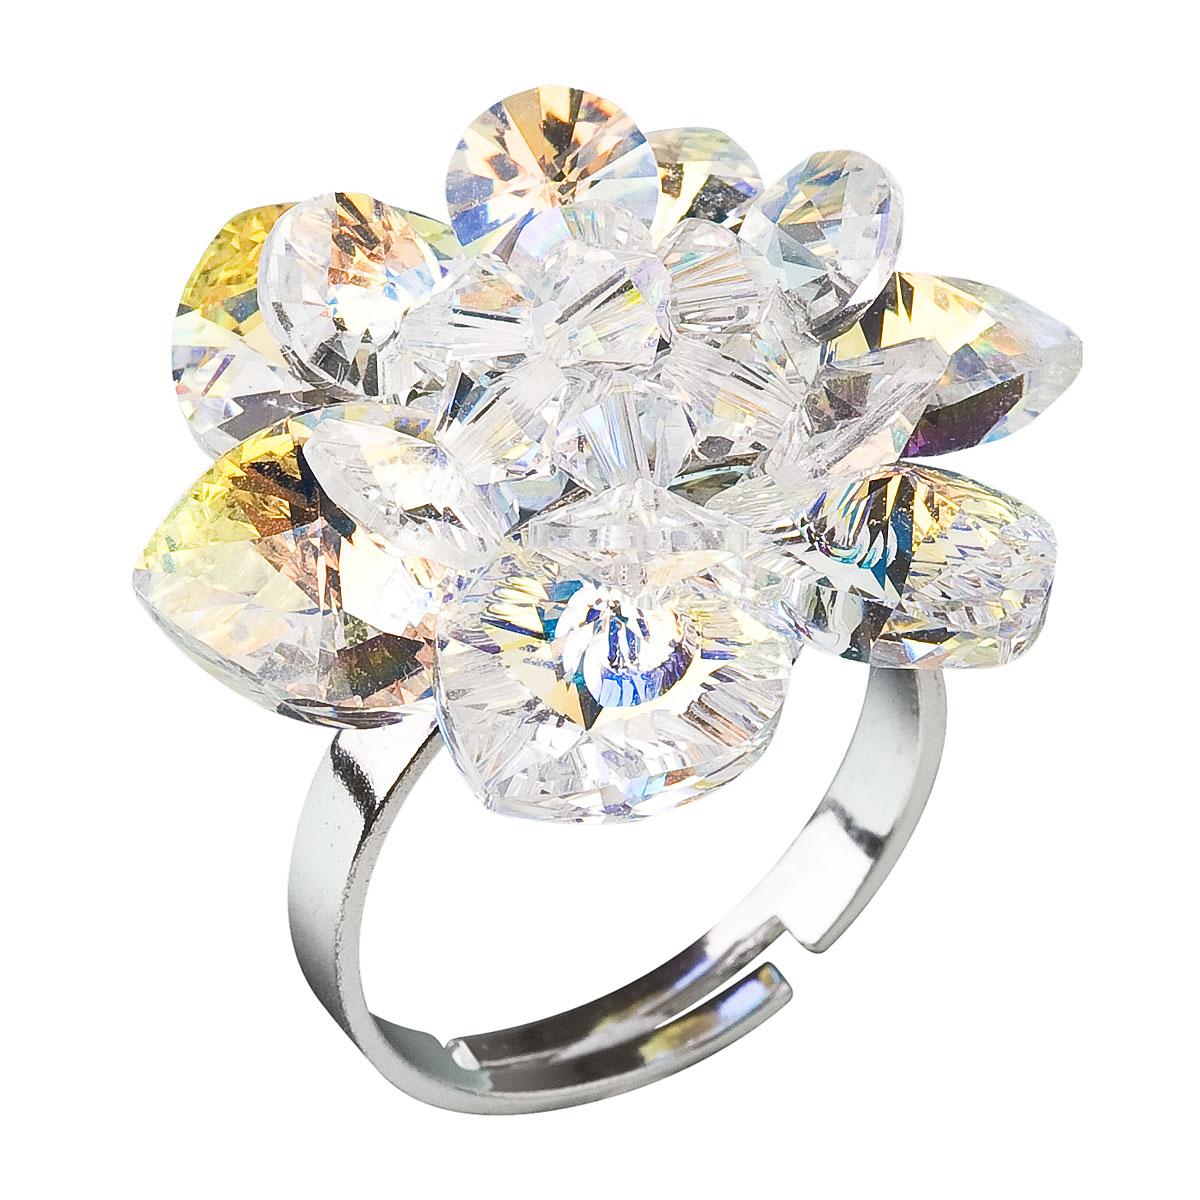 Strieborný prsteň s krištáľmi Swarovski AB efekt biely kvietok 35012.2